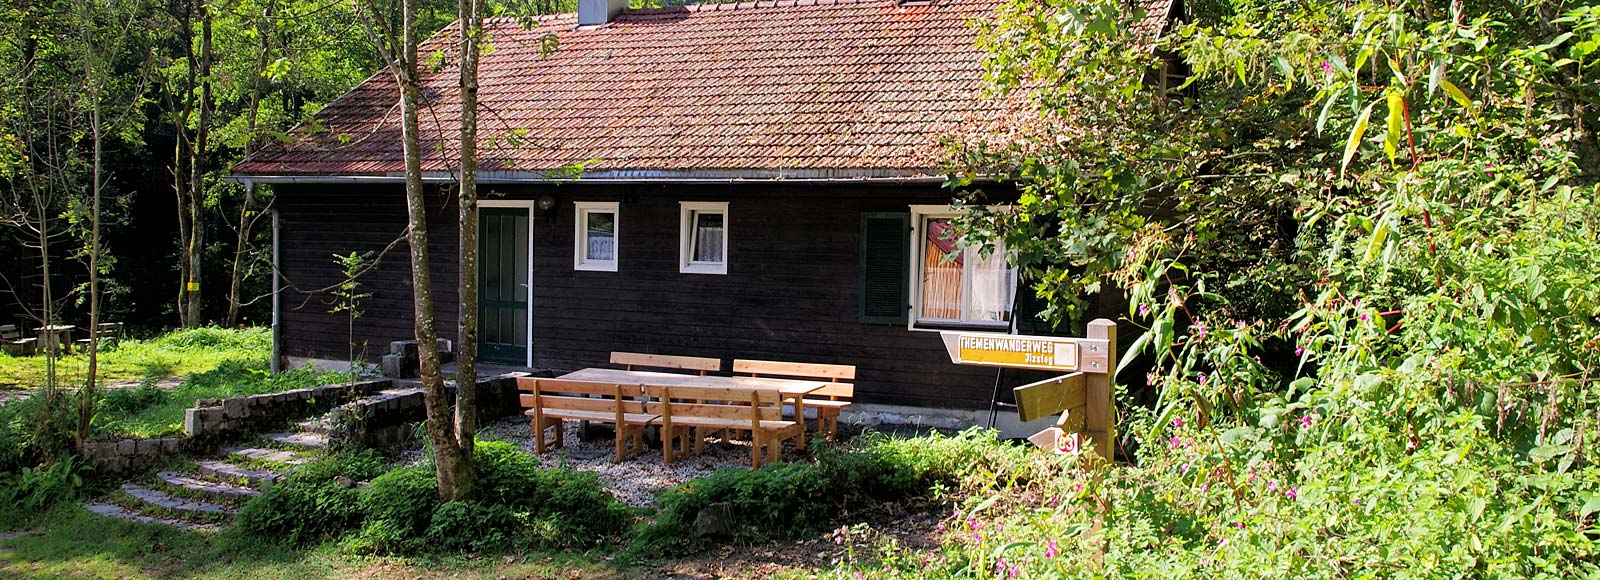 Ferienhaus am Nationalpark Bayerischer Wald